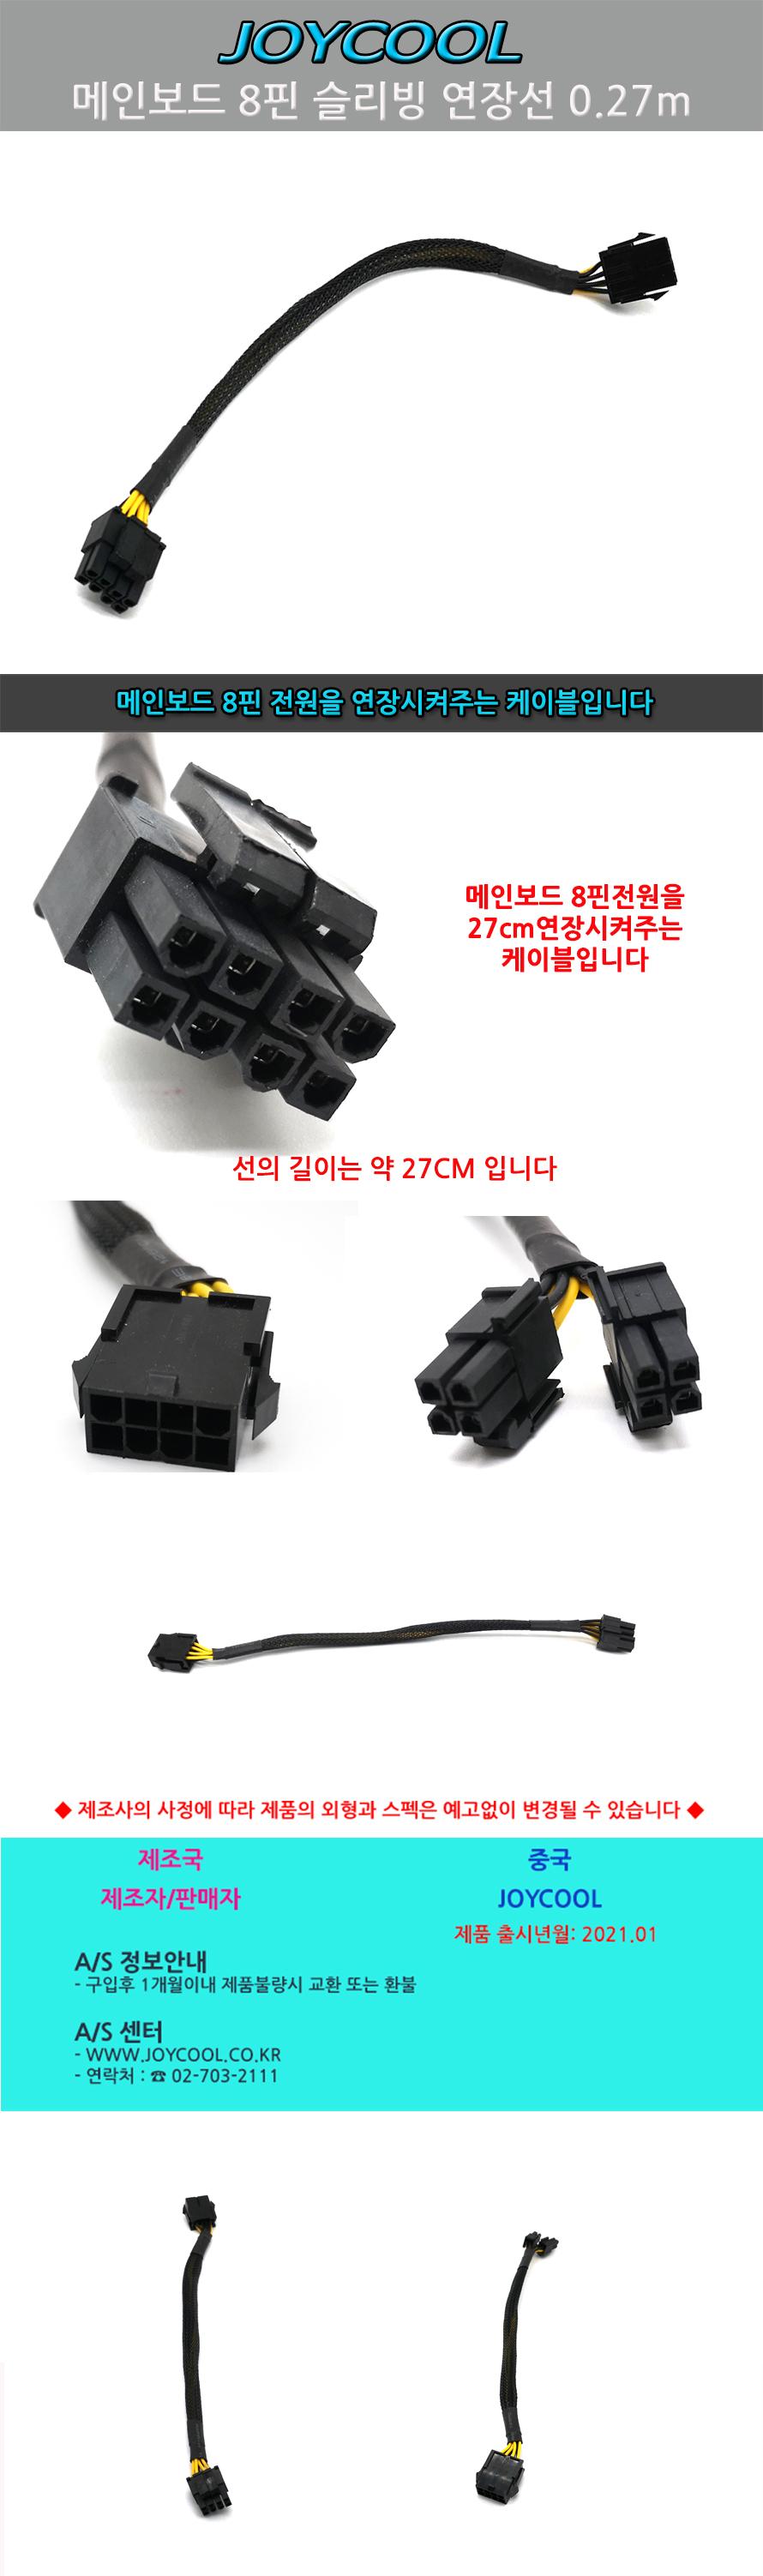 조이쿨 조이쿨 8핀 메인보드 슬리빙 연장 케이블 (0.27m)